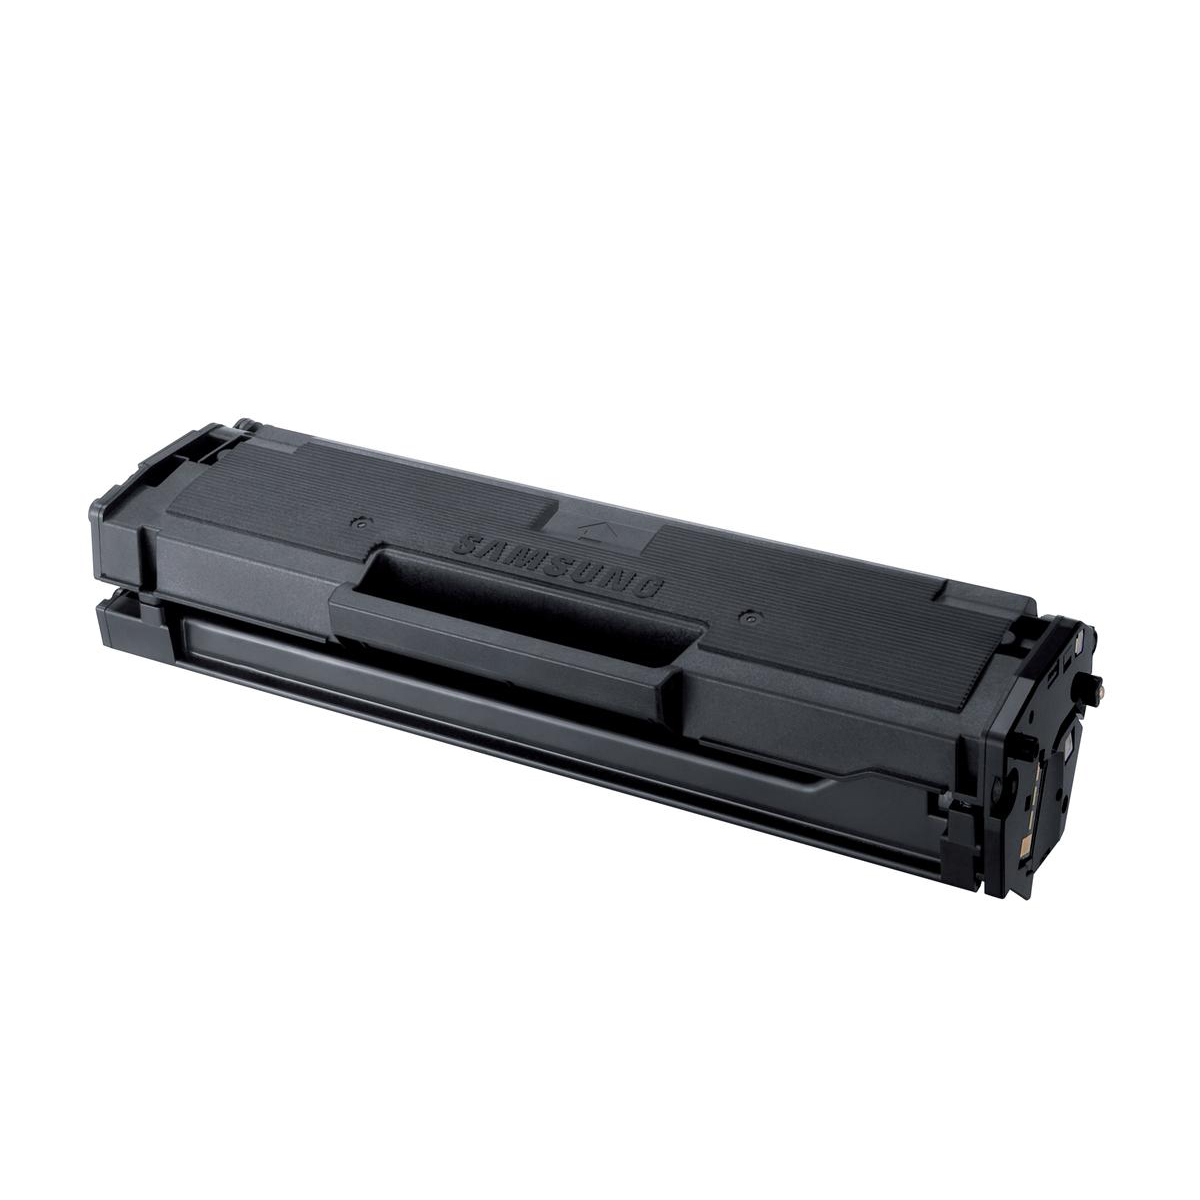 Samsung Toner Cart Black MLT-D101S/ELS